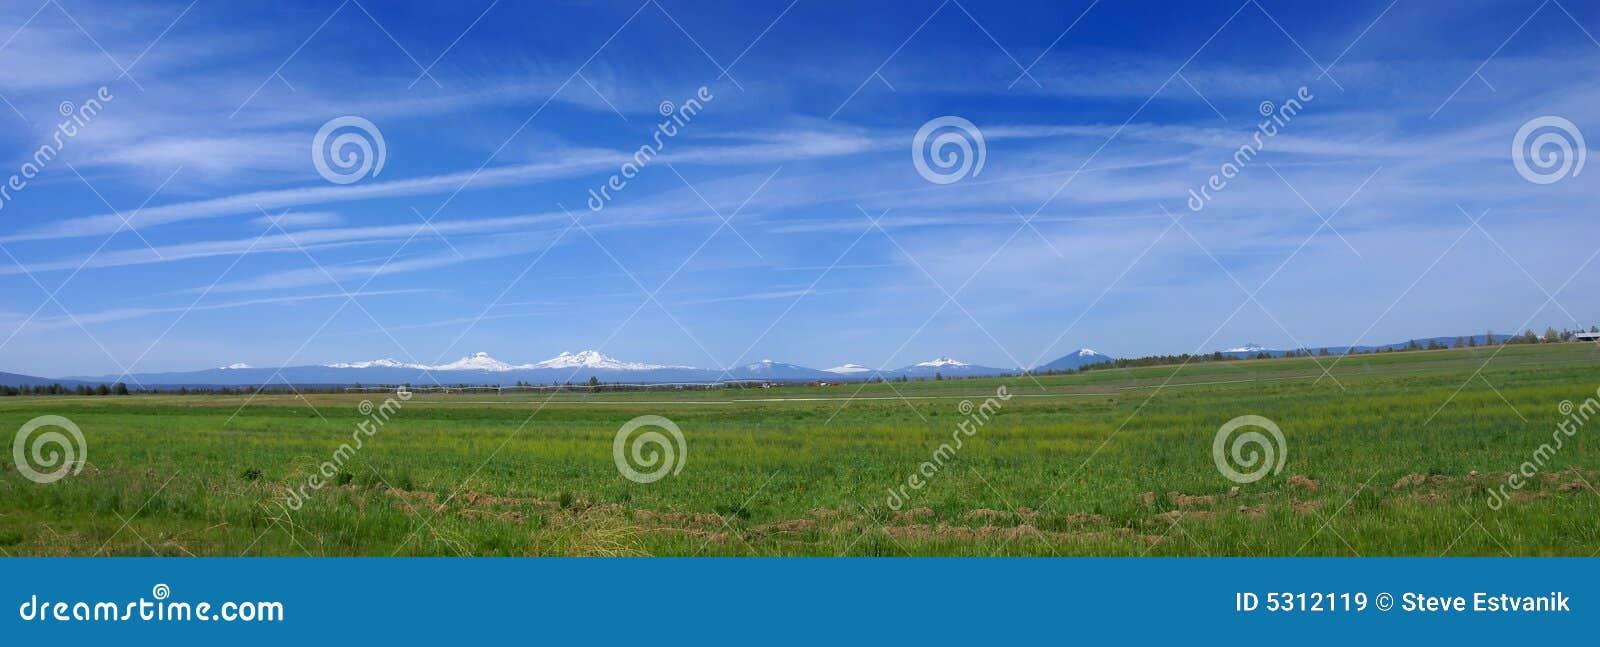 Download Panorama dell'Oregon immagine stock. Immagine di podere - 5312119